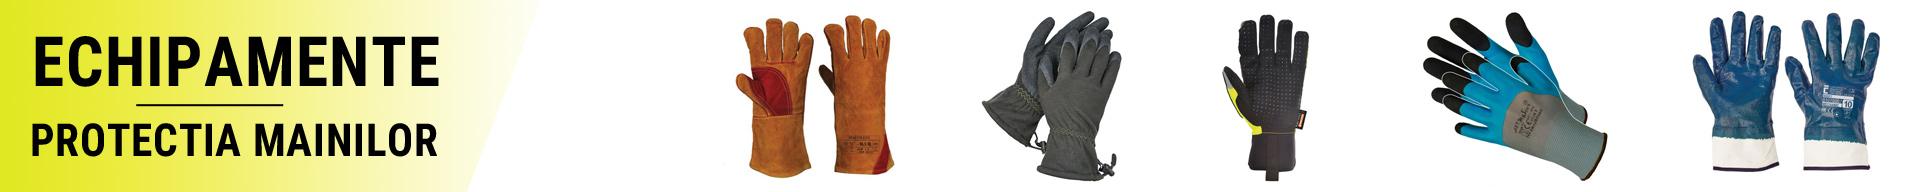 Echipament pentru protectia mainilor